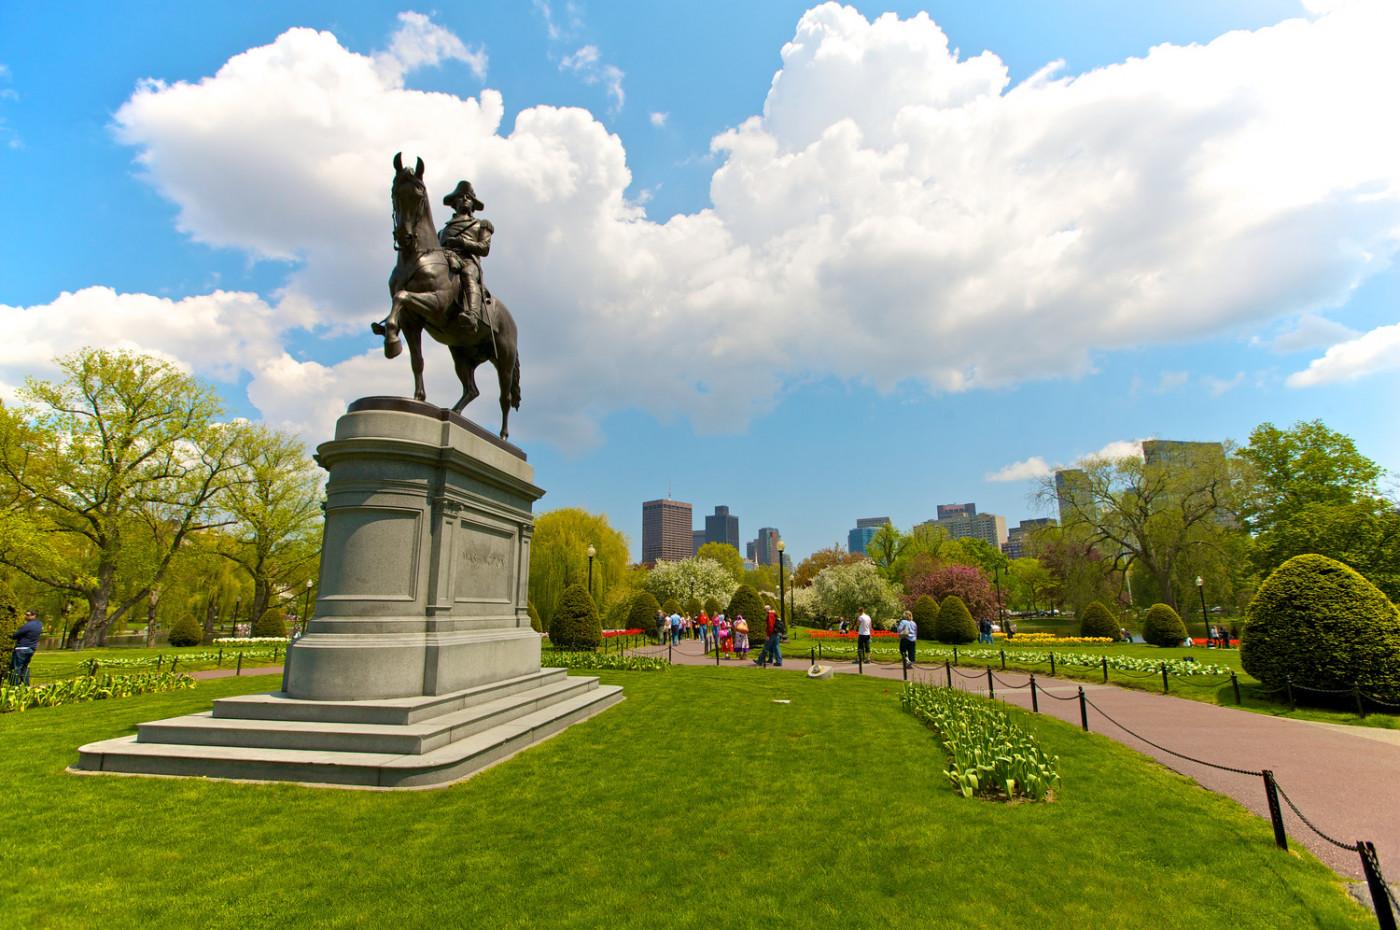 George Washington statue in Public Garden